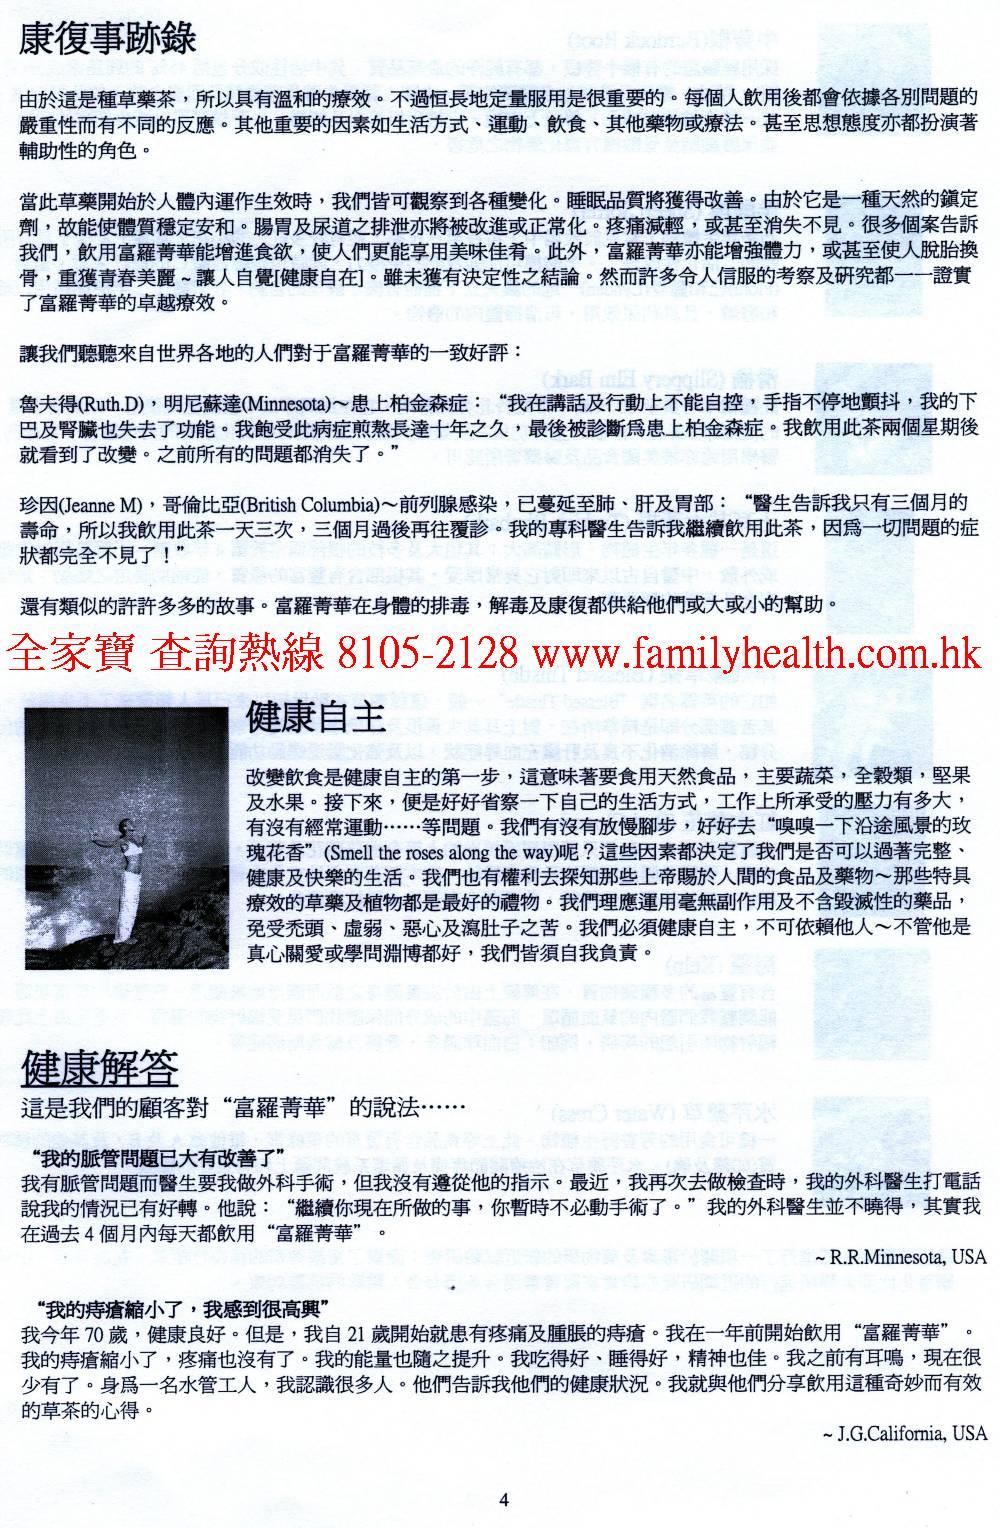 http://www.familyhealth.com.hk/files/full/153_4.jpg